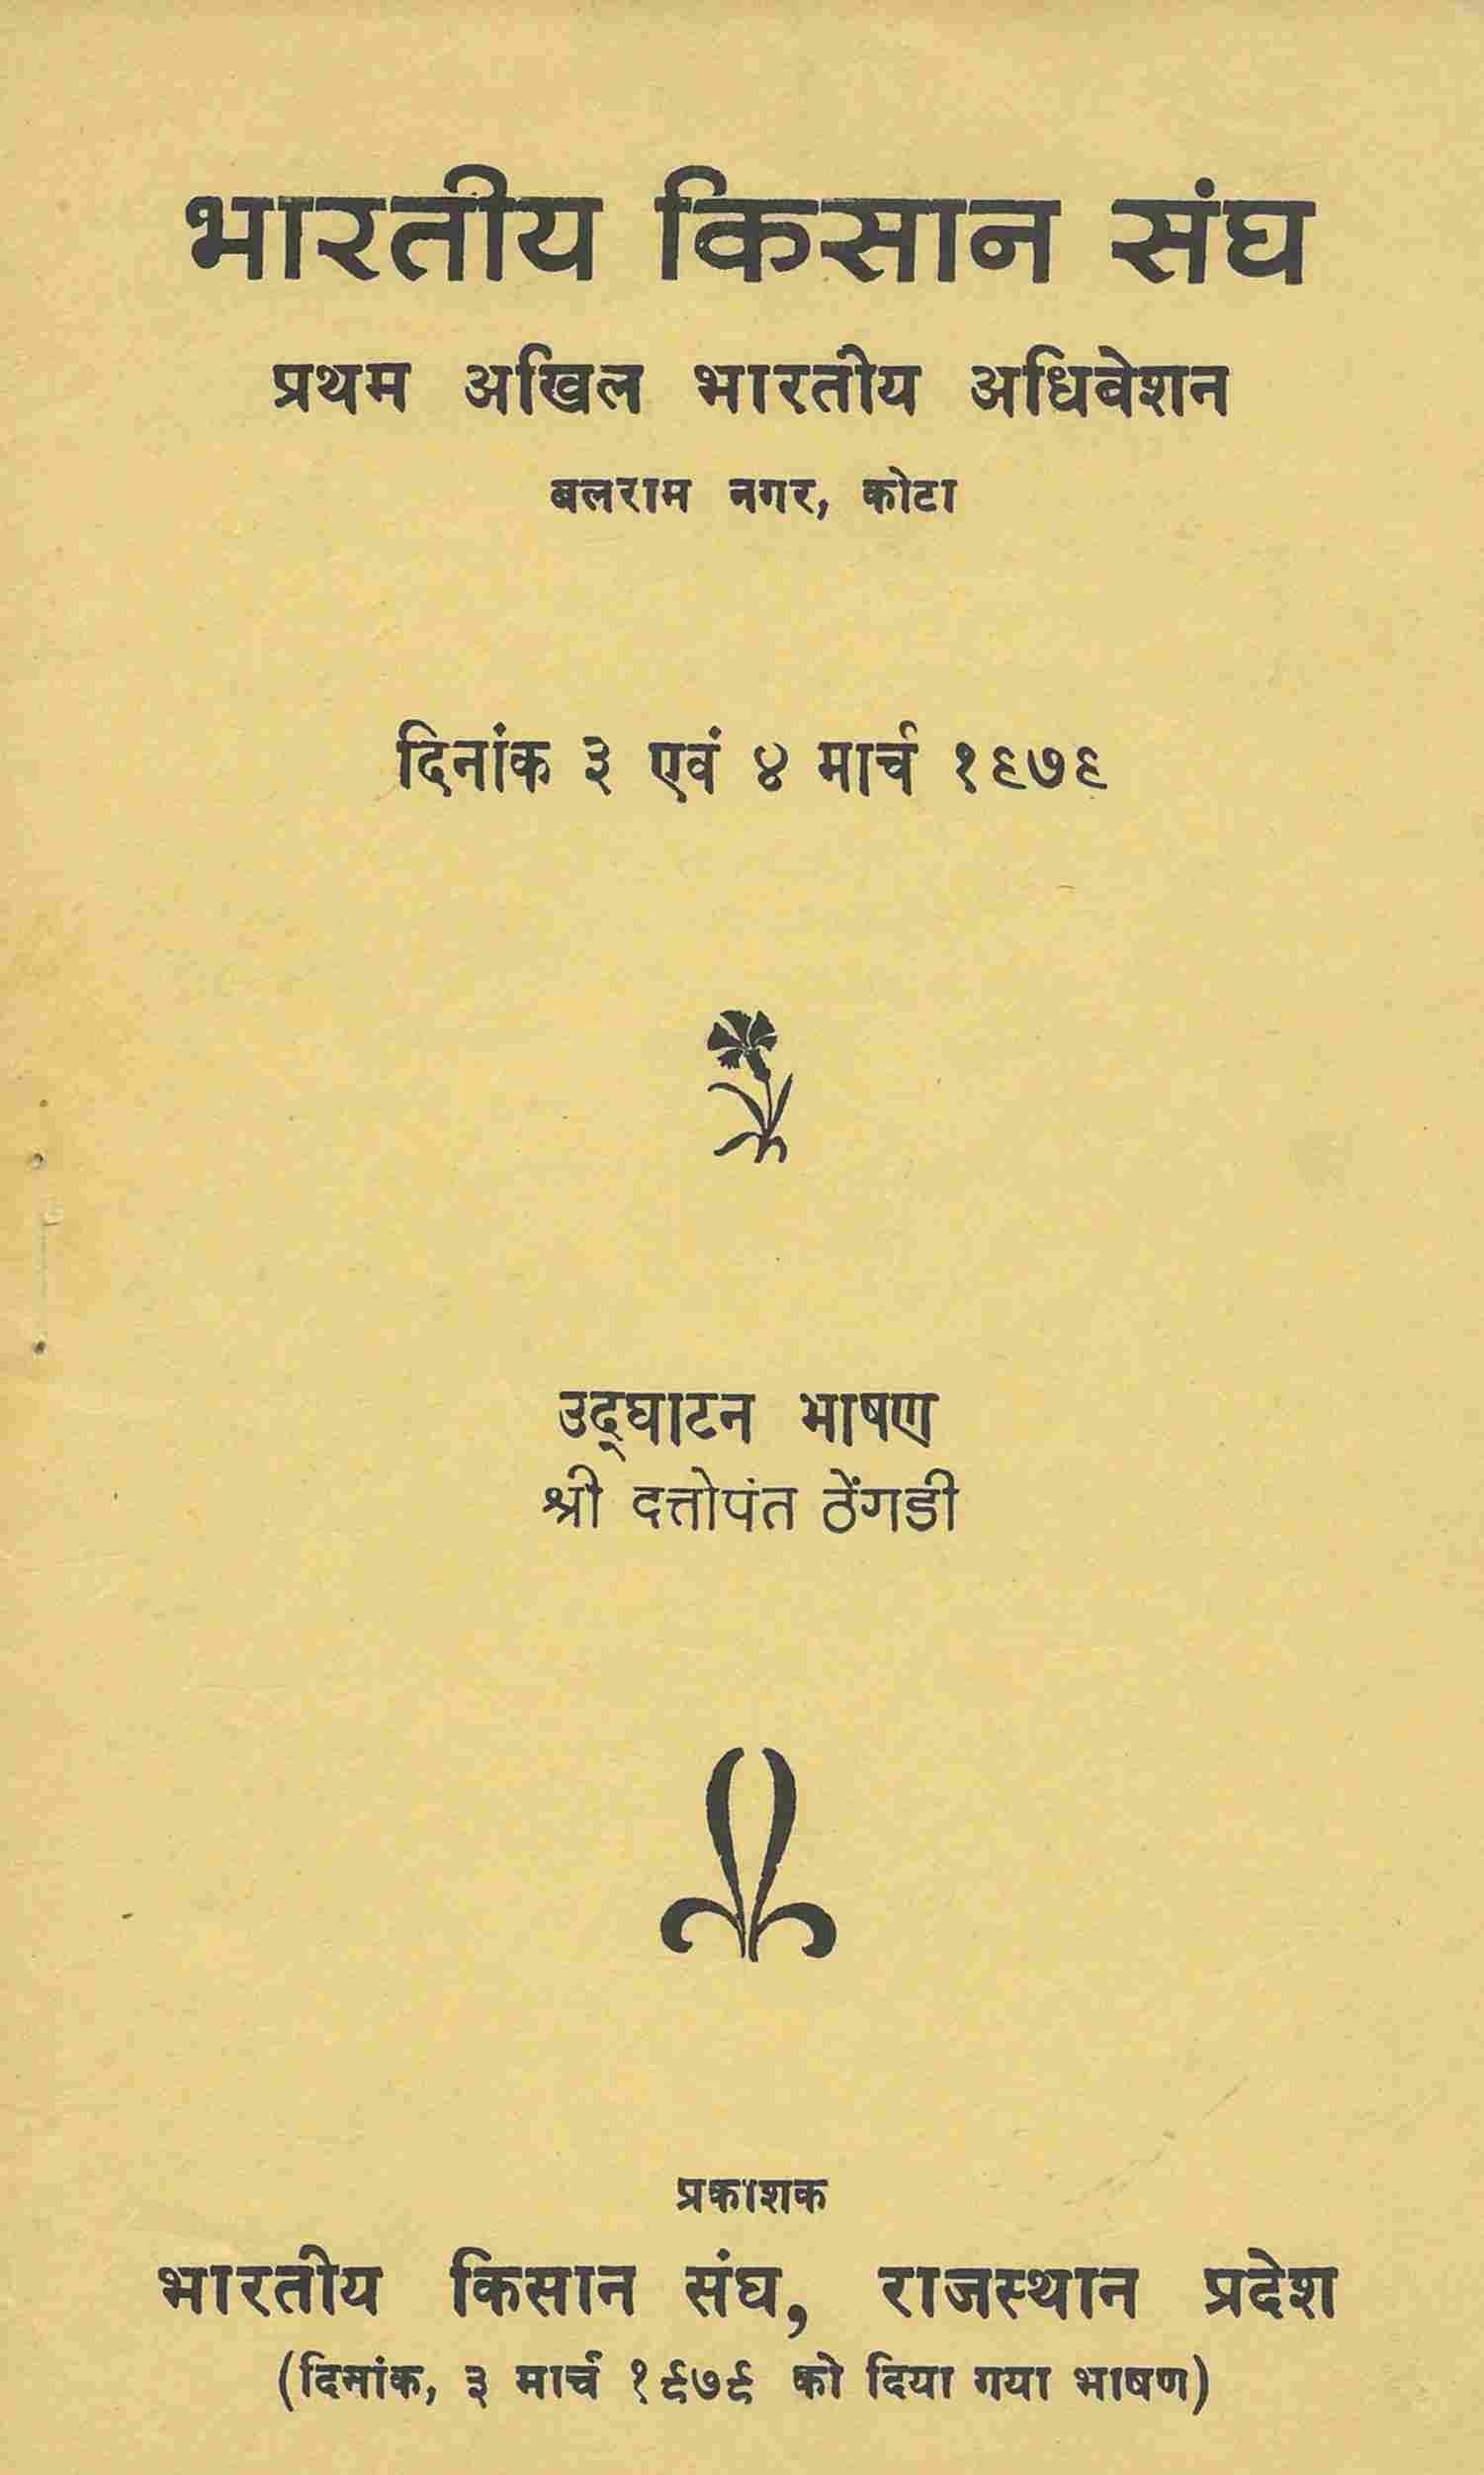 भारतीय किसान संघ-प्रथम अधिवेशन